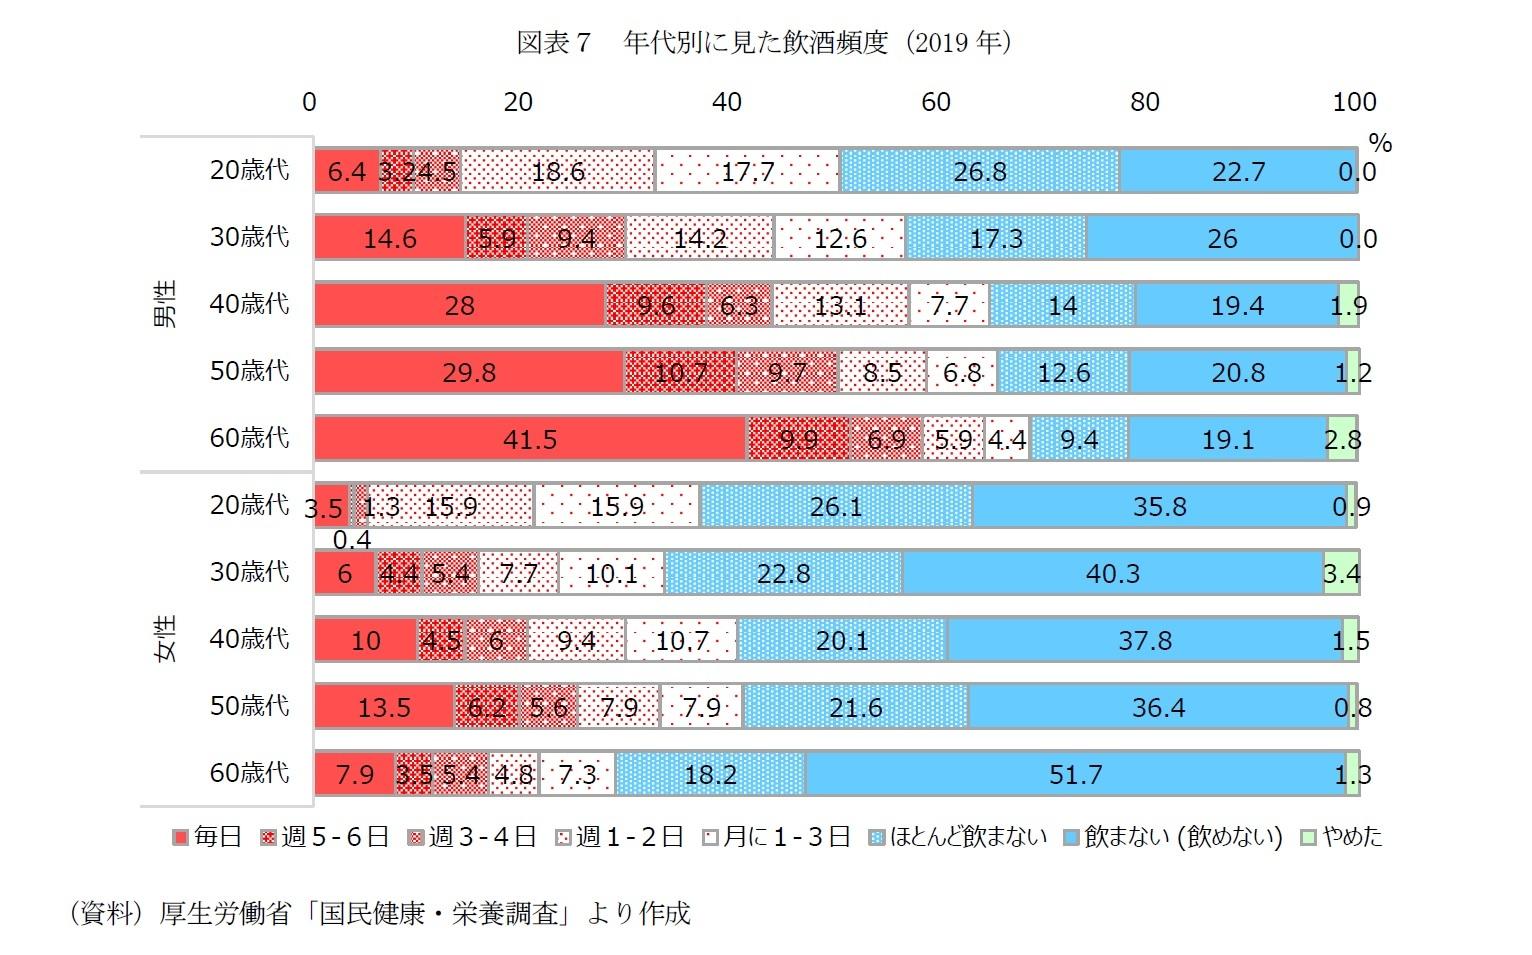 図表7 年代別に見た飲酒頻度(2019年)